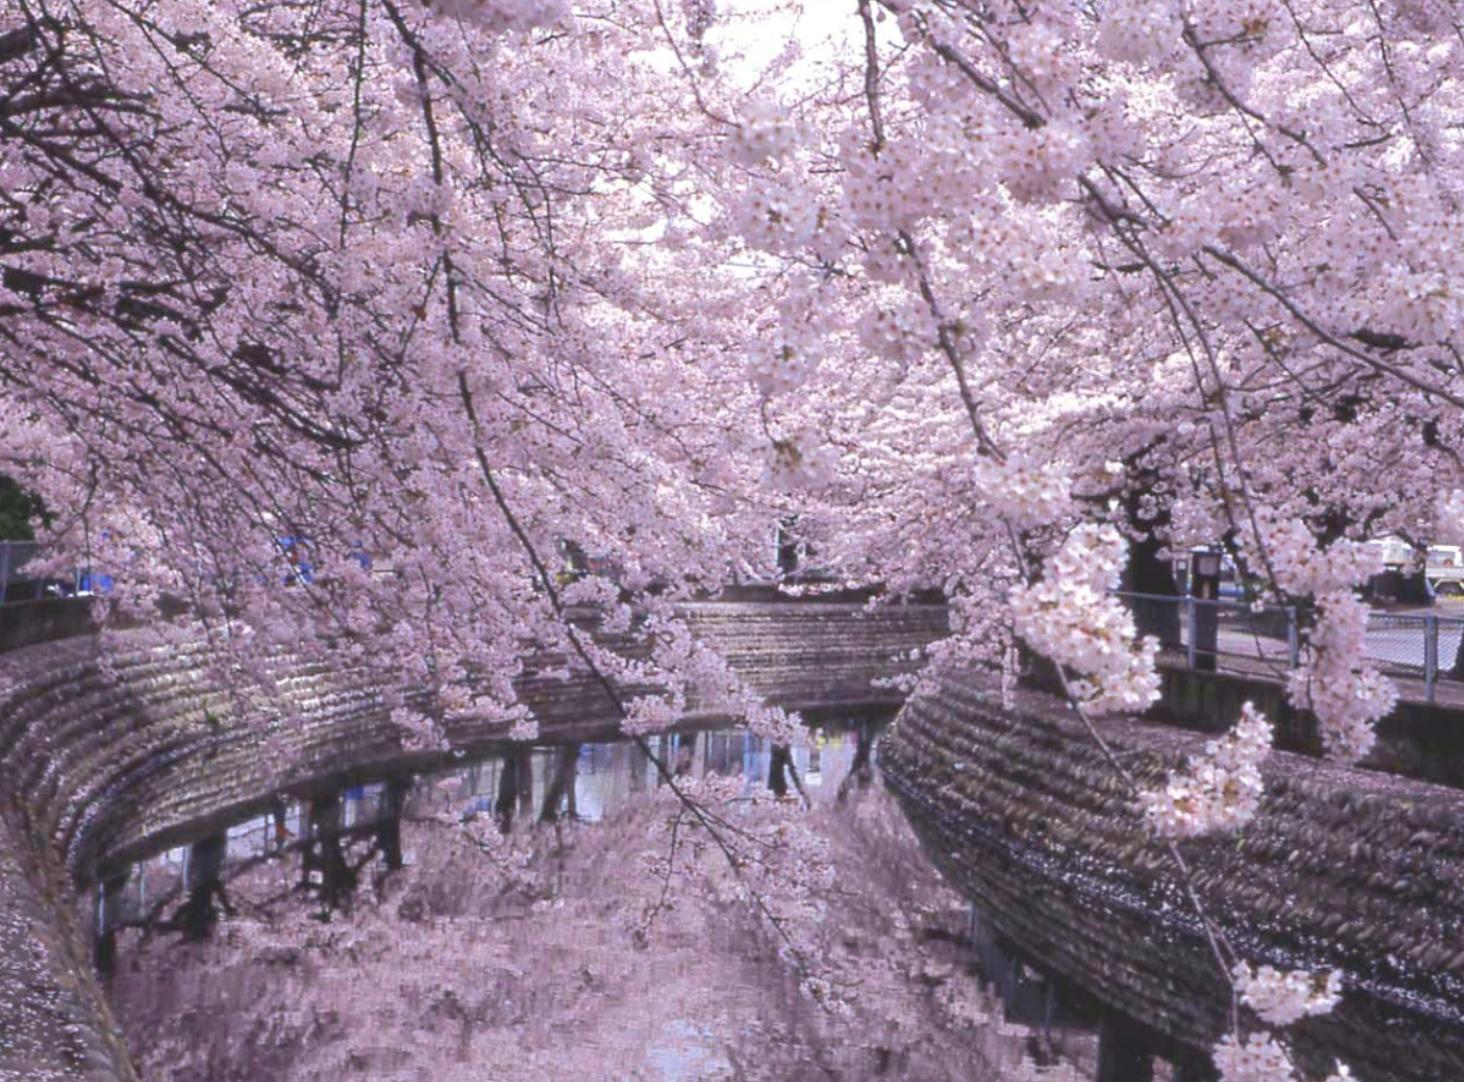 美しい桜で春を満喫。名古屋から行けるお花見スポット6選【2020】 - 851e59812d109ebe24102c2c5be01ecd